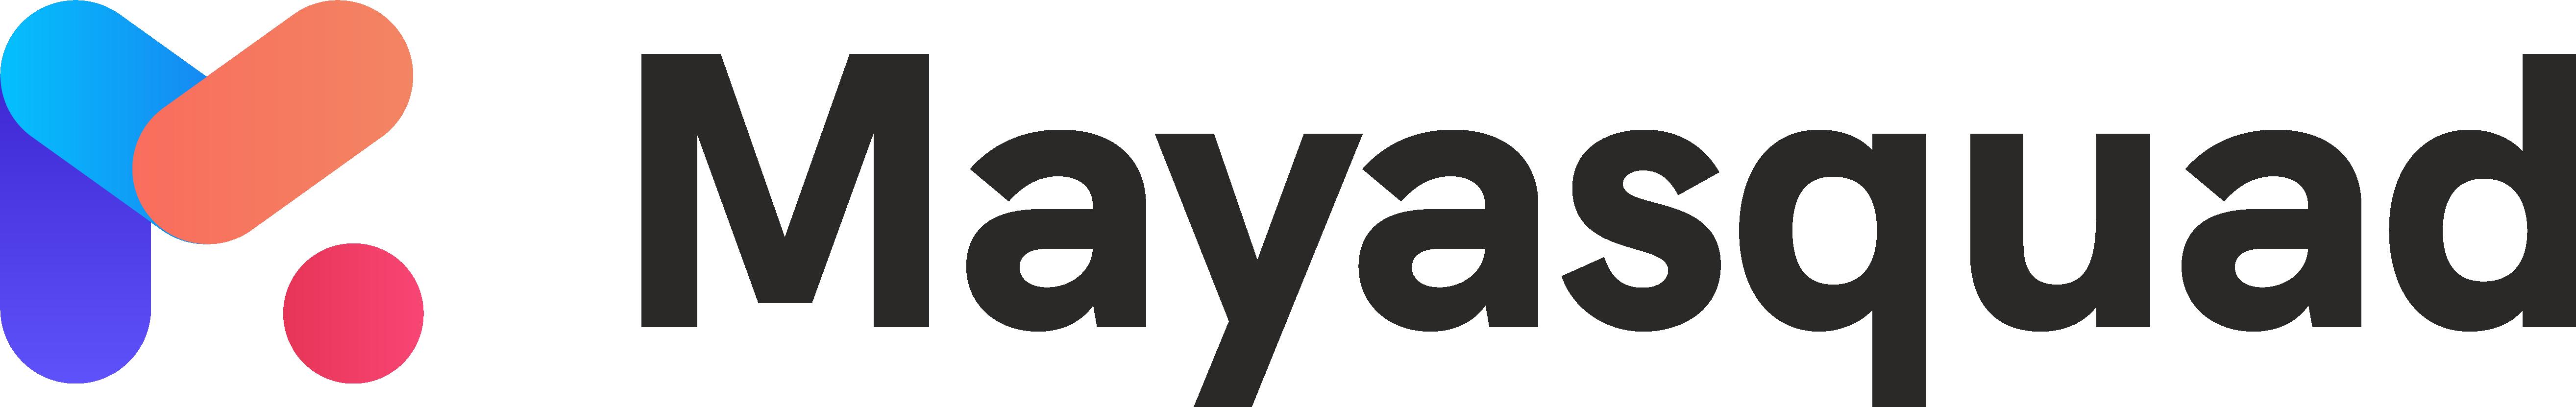 Mayasquad